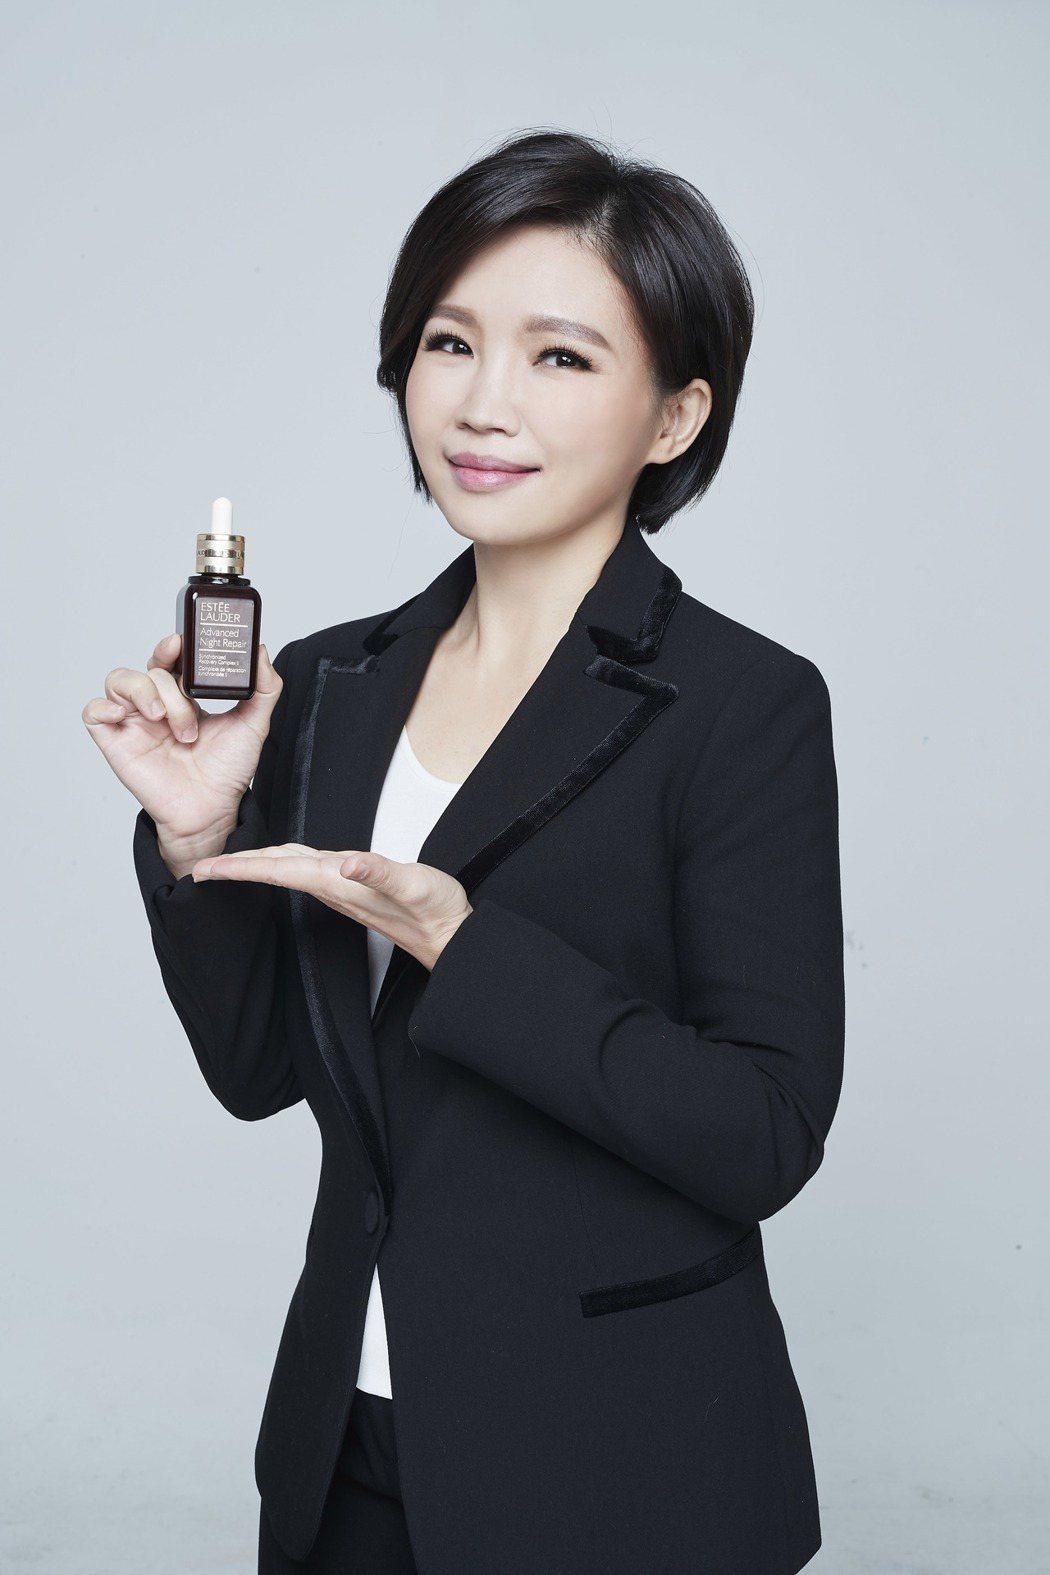 柳燕以肌膚保養專家身分代言小棕瓶。圖/雅詩蘭黛提供